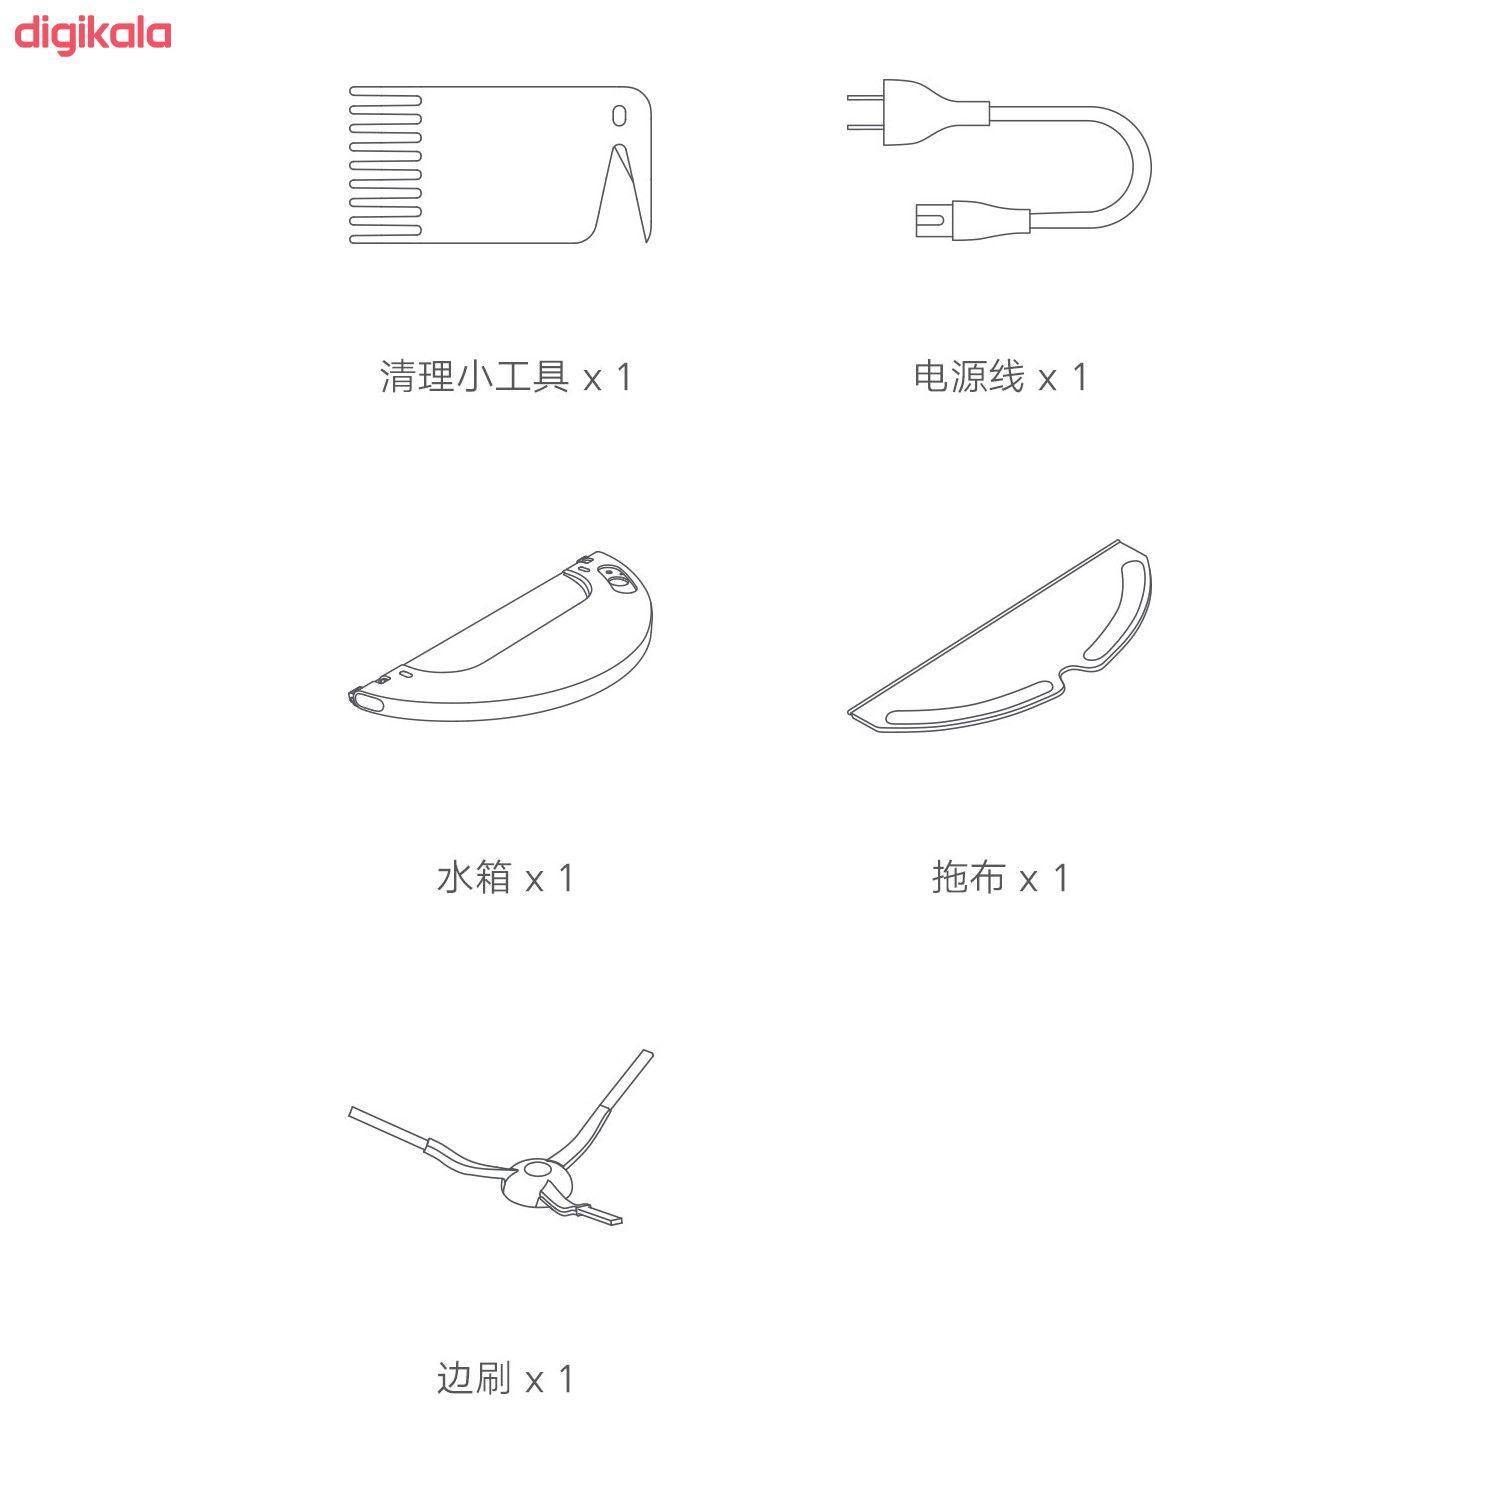 جارو شارژی هوشمند میجیا مدل 1C main 1 13